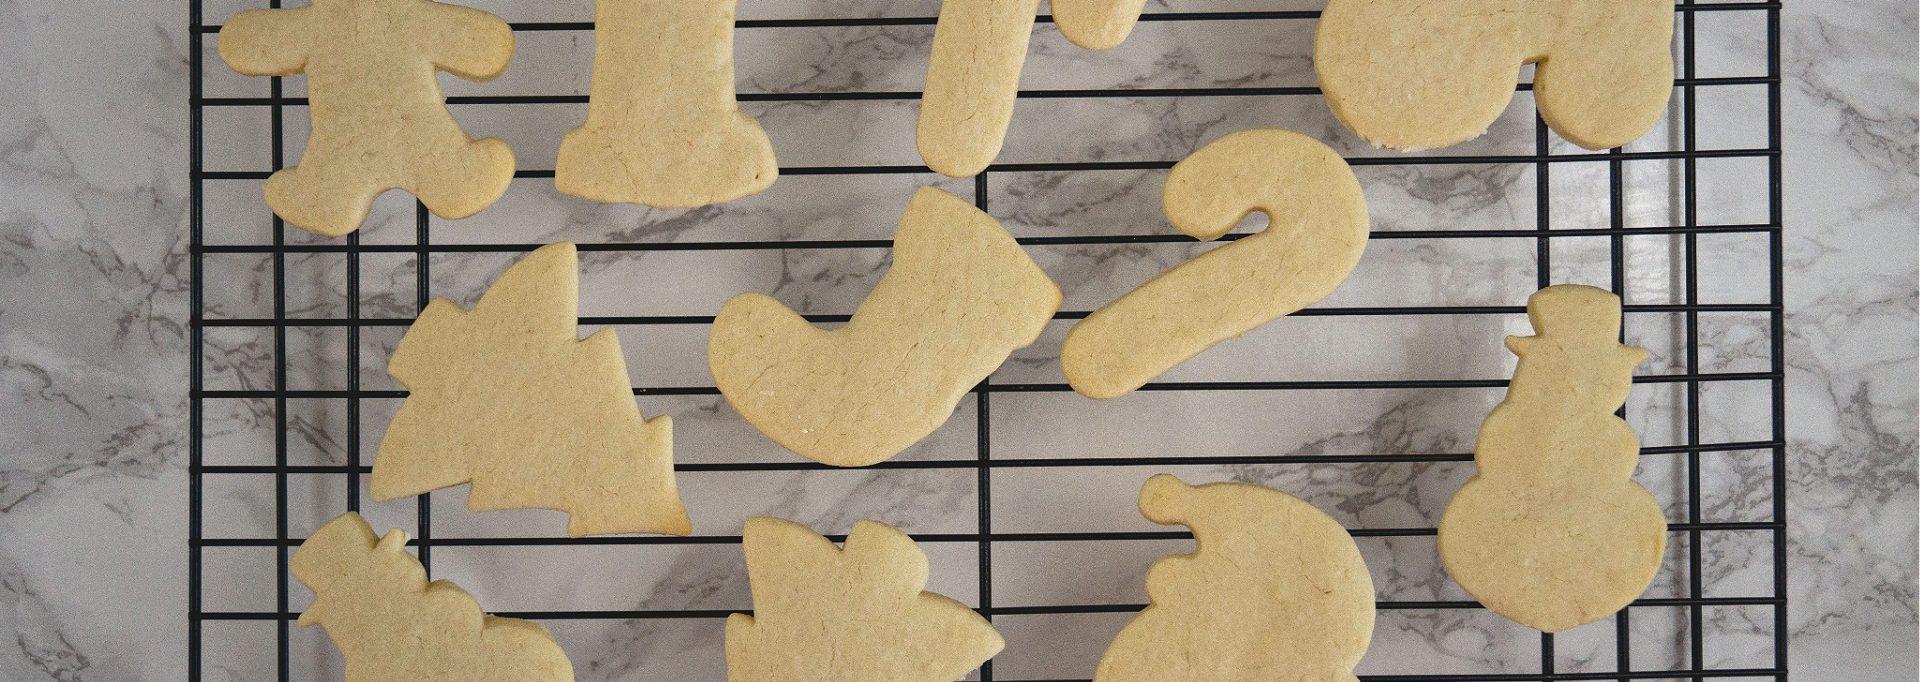 christmas sugar cookies baked